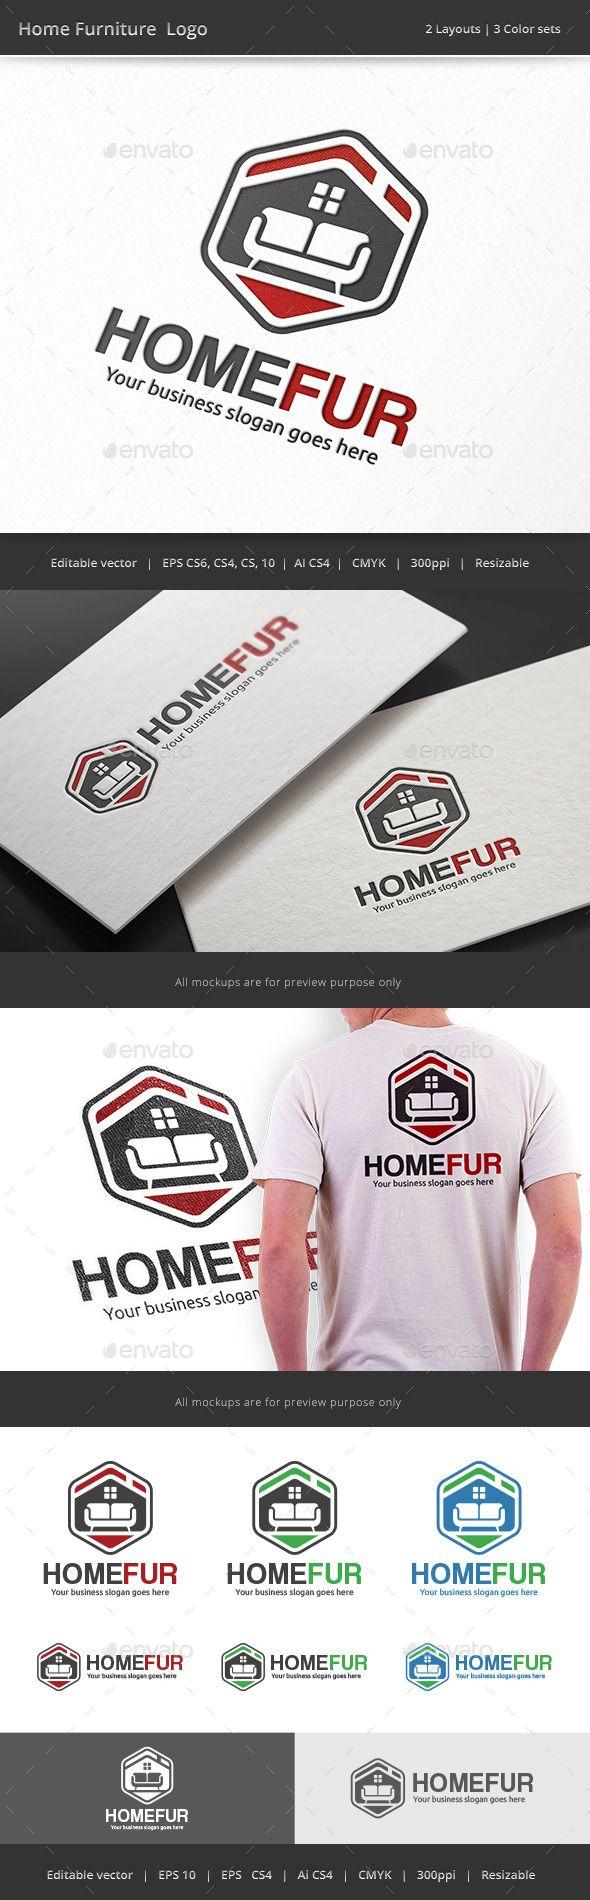 Home furniture logo logos home furniture and home